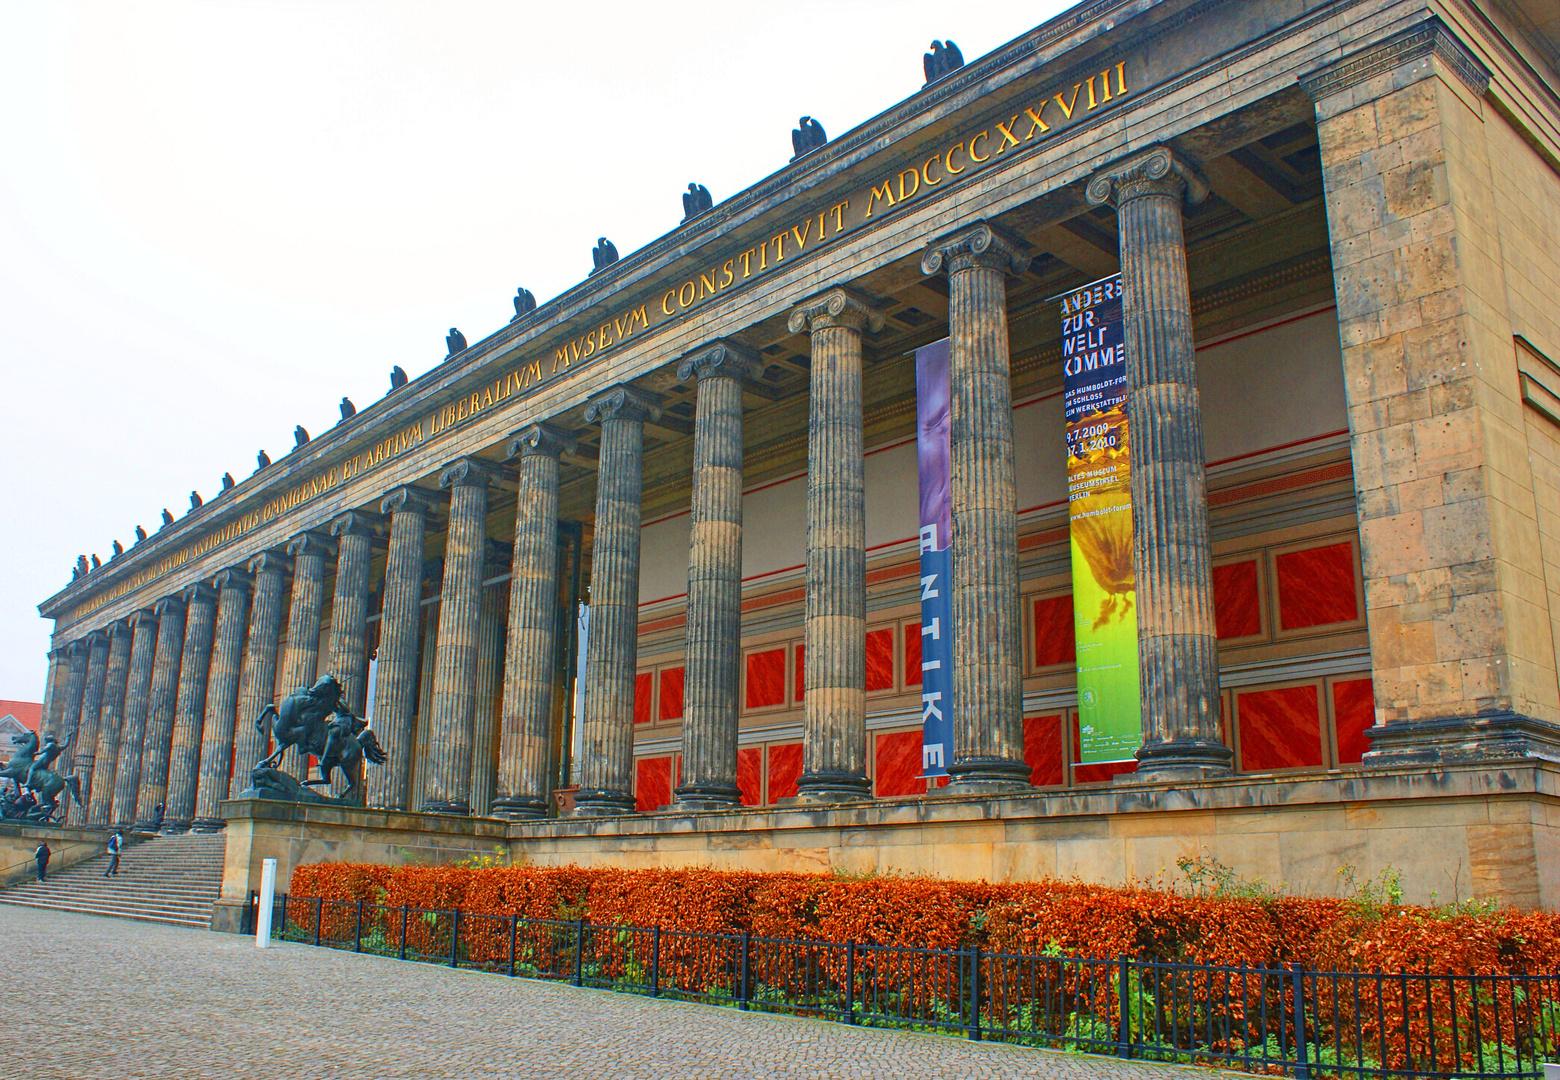 The Alte Museum